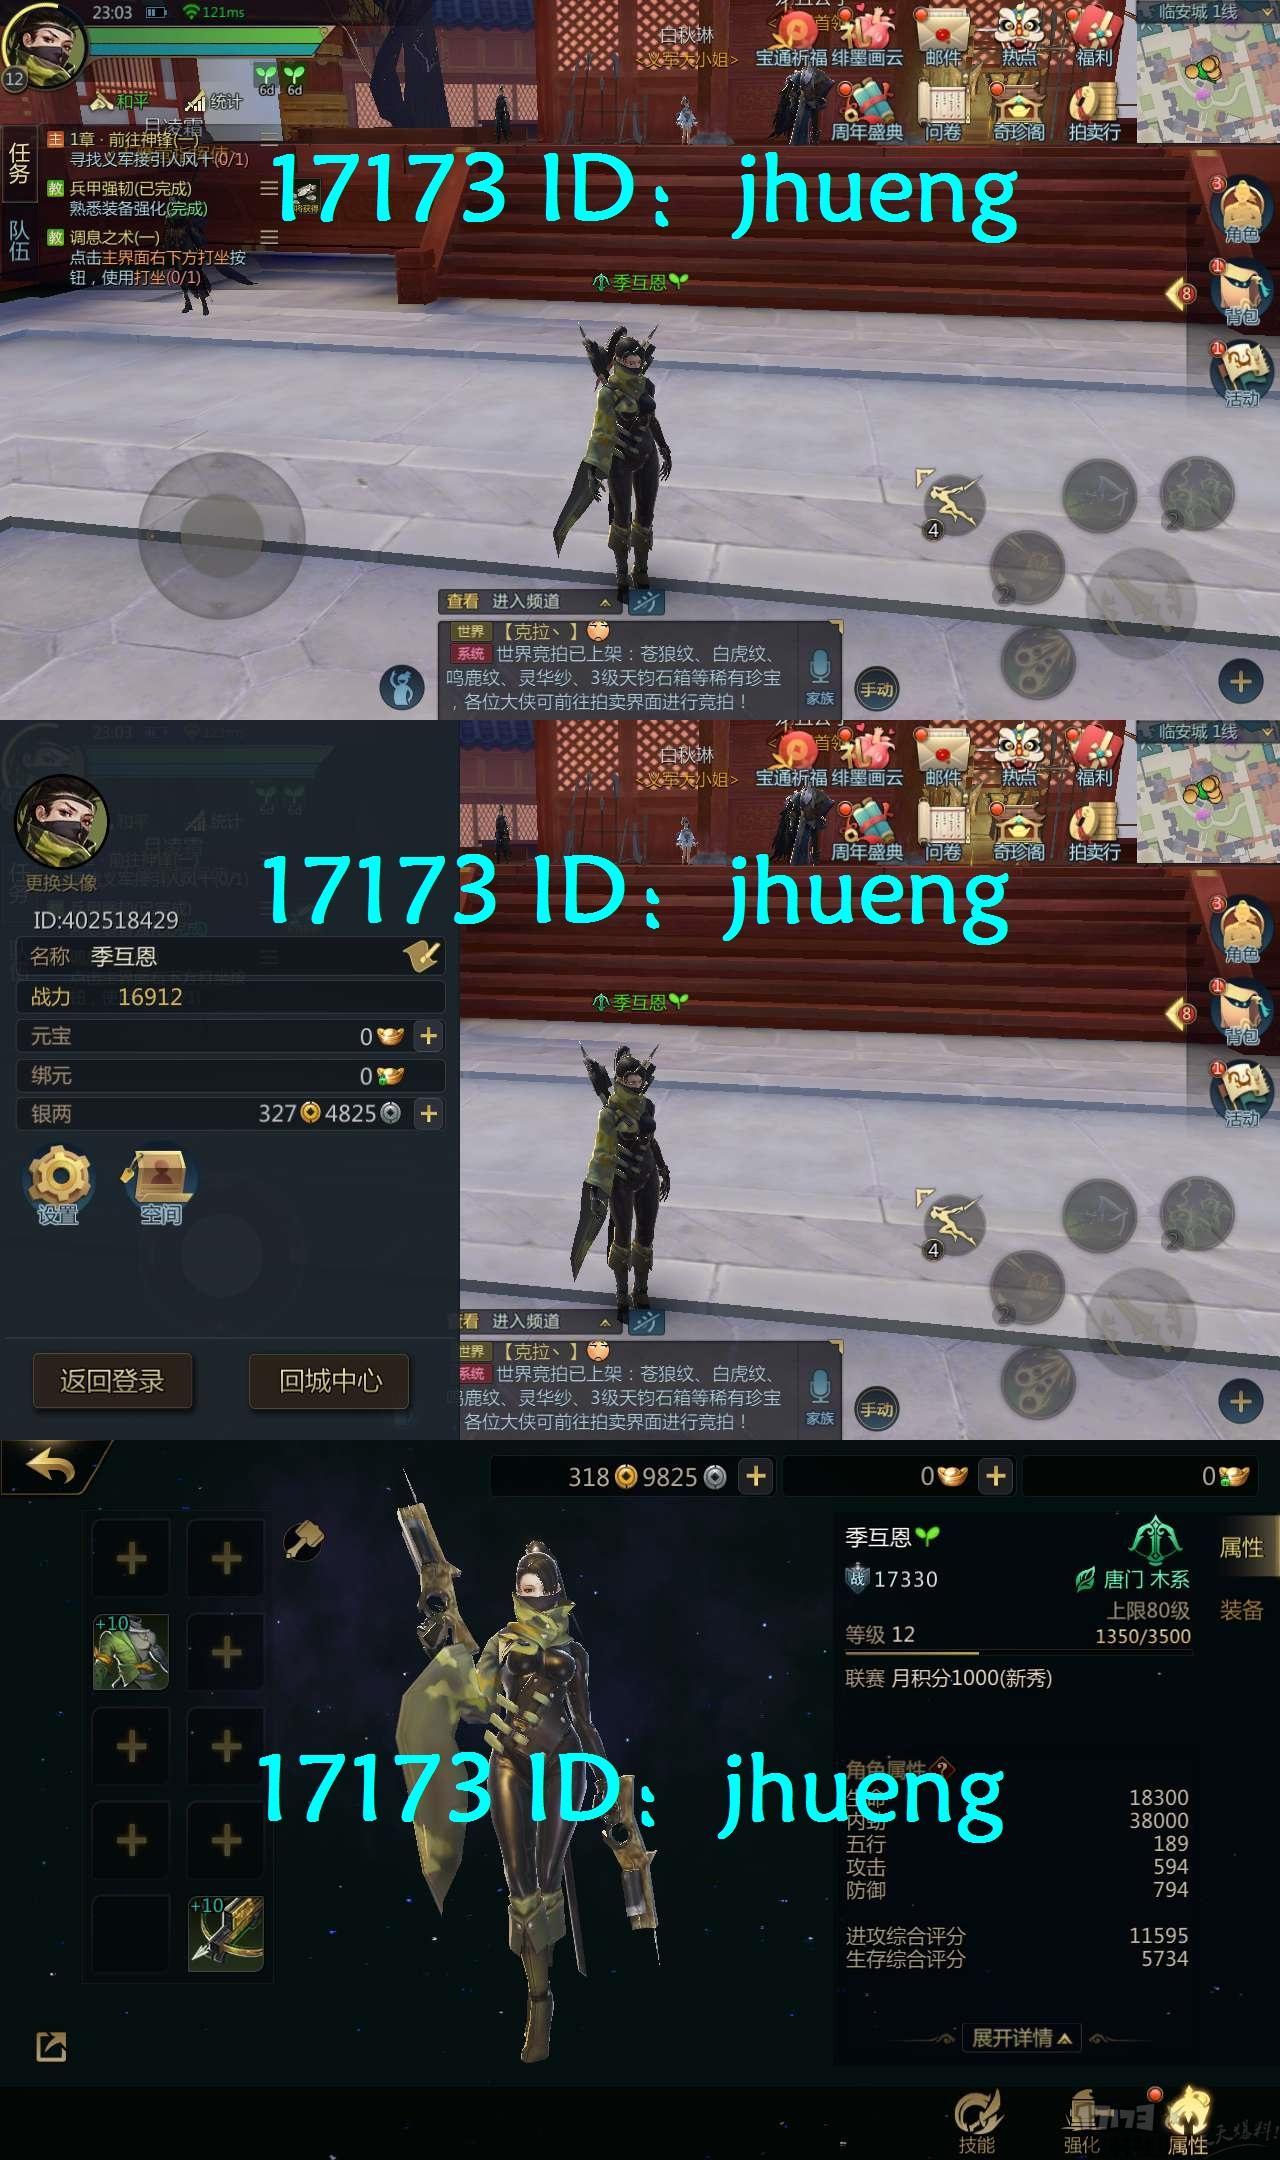 jxsj-17173.jpg